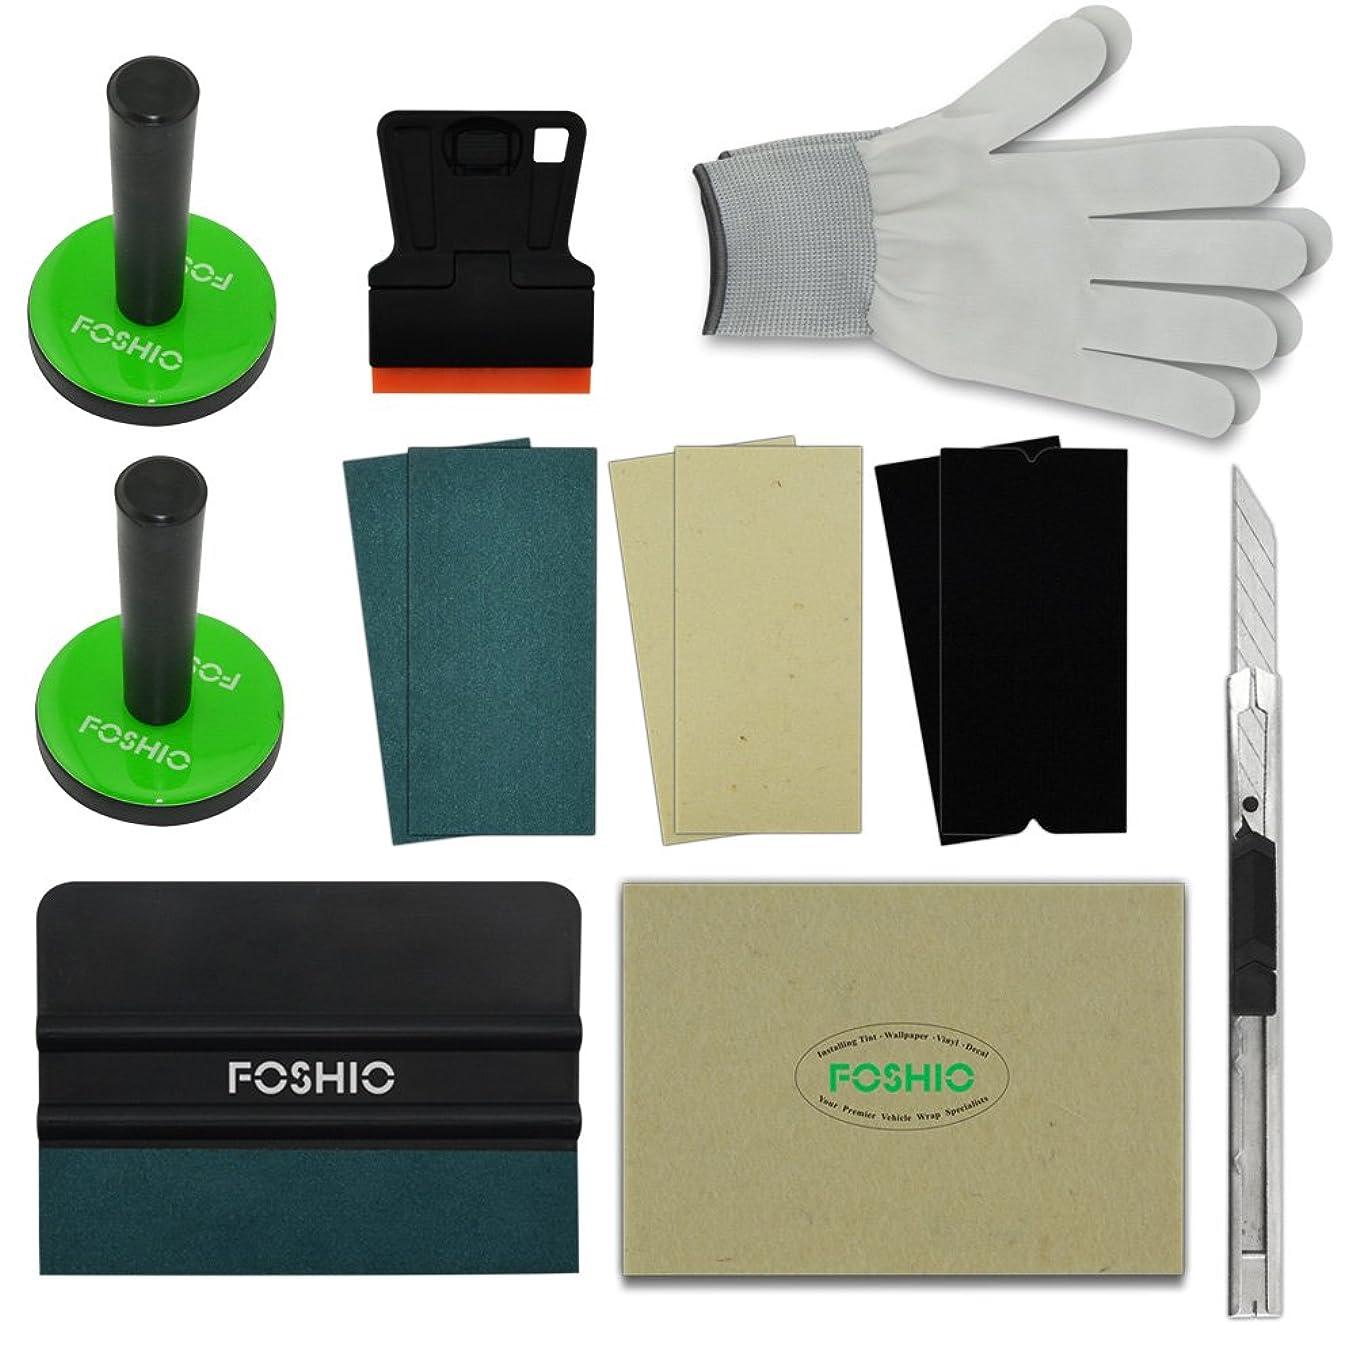 消去ピクニックミルクFOSHIO カーラップフィルムキット 4インチフィルムスキージ ウールスキージ 安全なビニールカッター ティントマグネットホルダー スキージフェルトが3種類 手袋